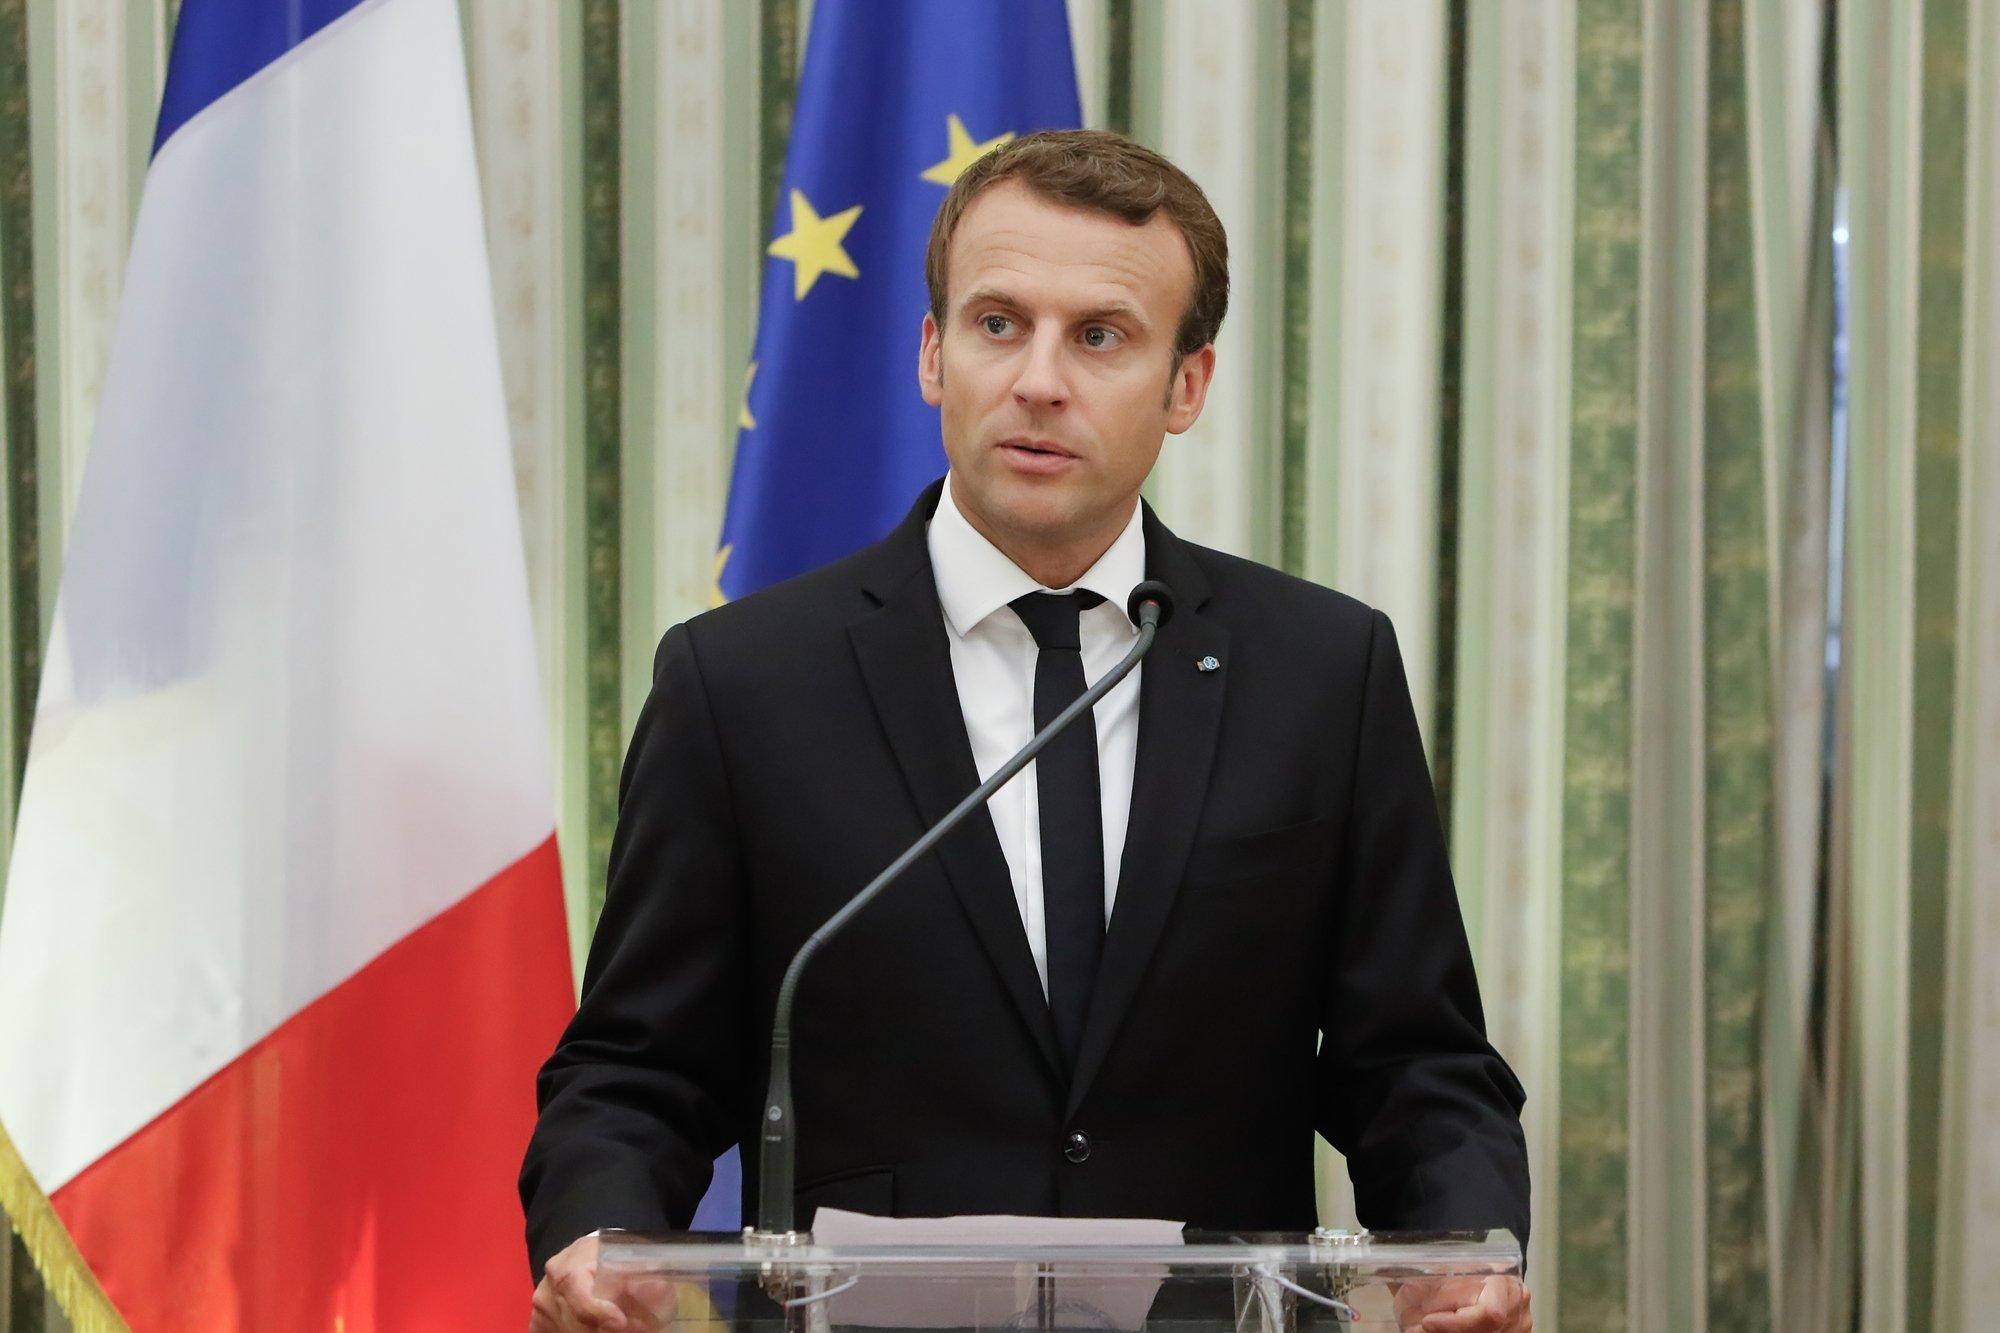 Emmanuel Macron an einem Rednerpult, die griechische und die Europaflagge im Hintergrund